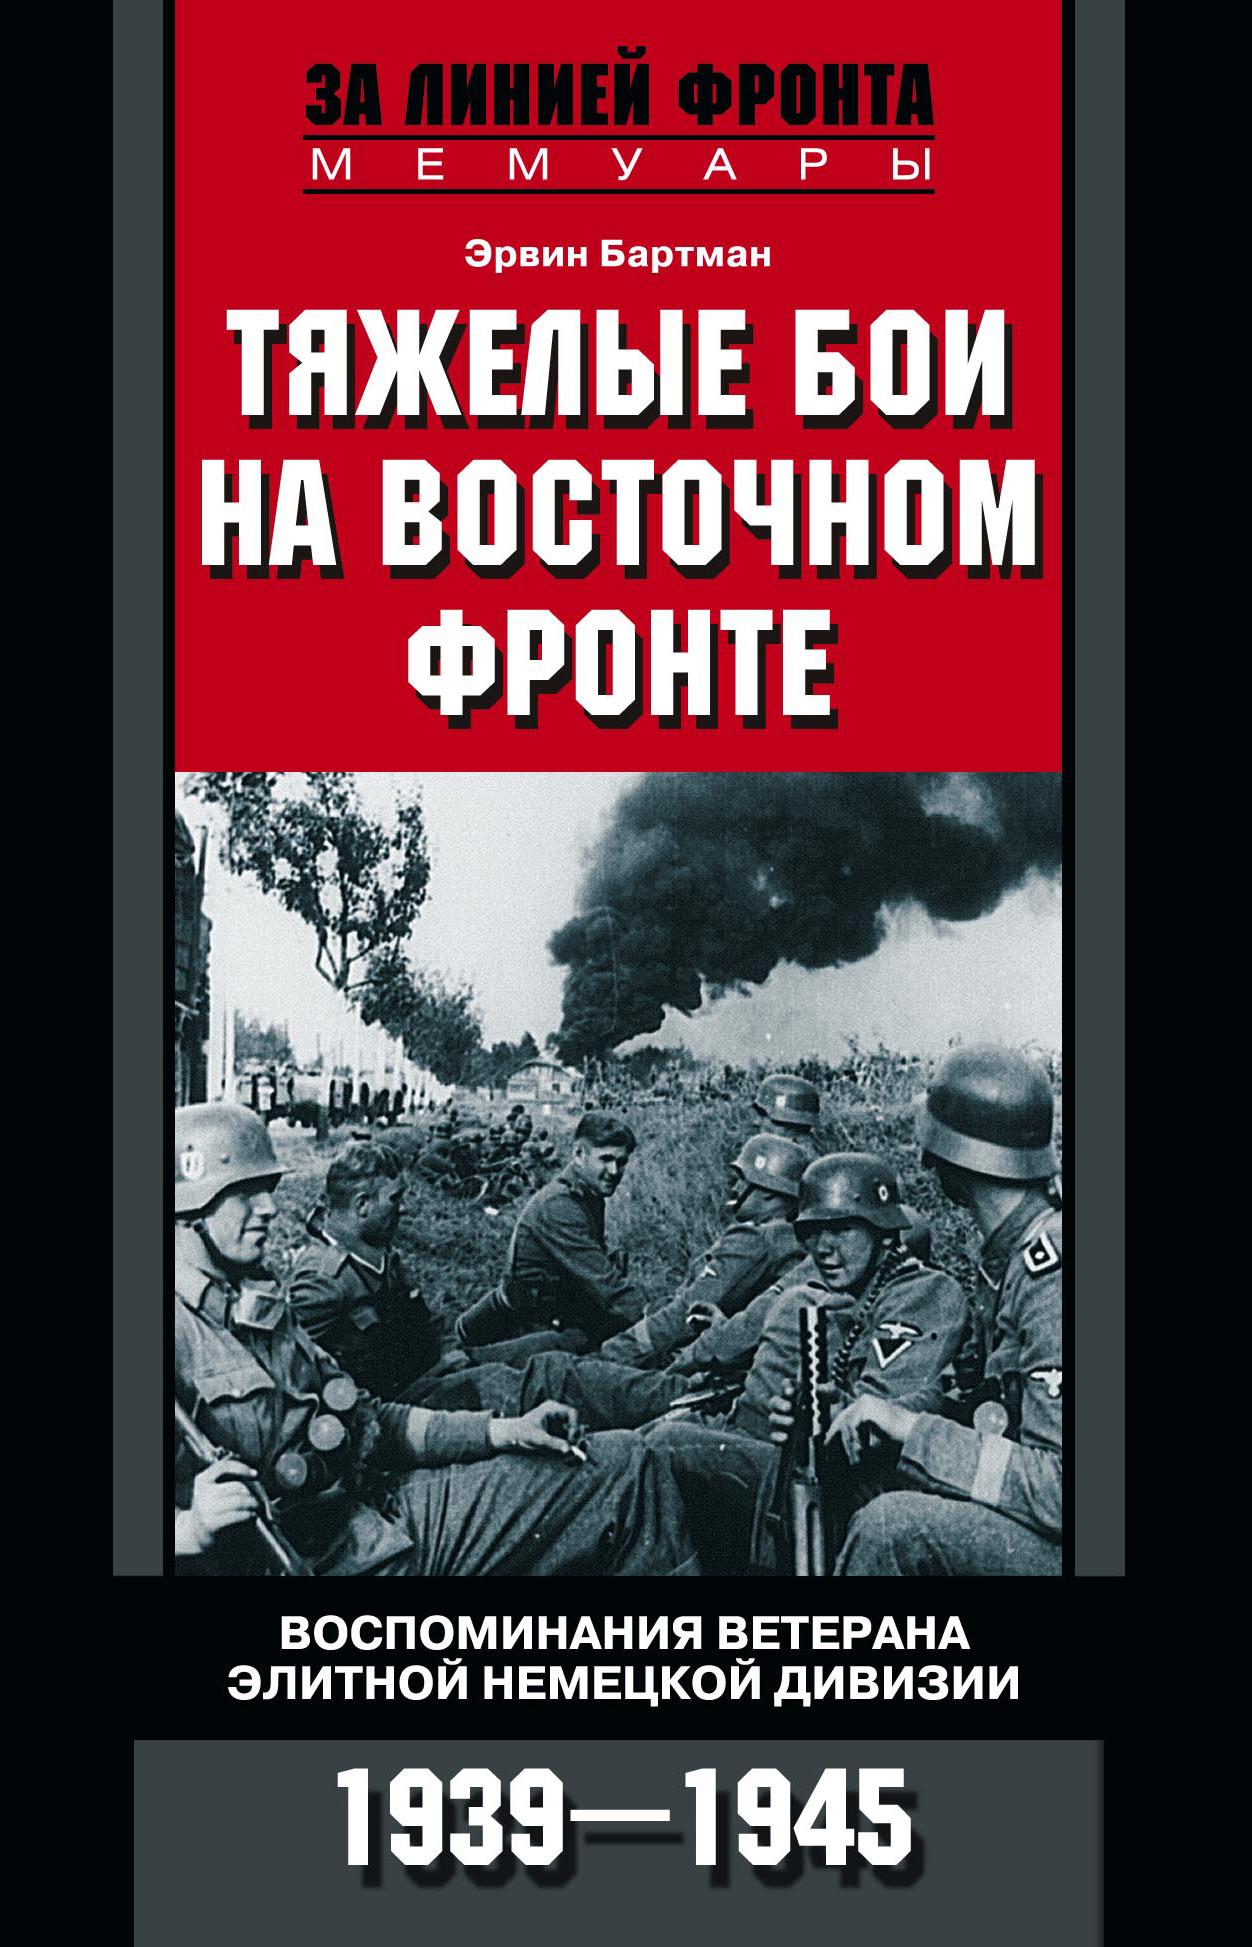 цена на Эрвин Бартман Тяжелые бои на Восточном фронте. Воспоминания ветерана элитной немецкой дивизии. 1939—1945